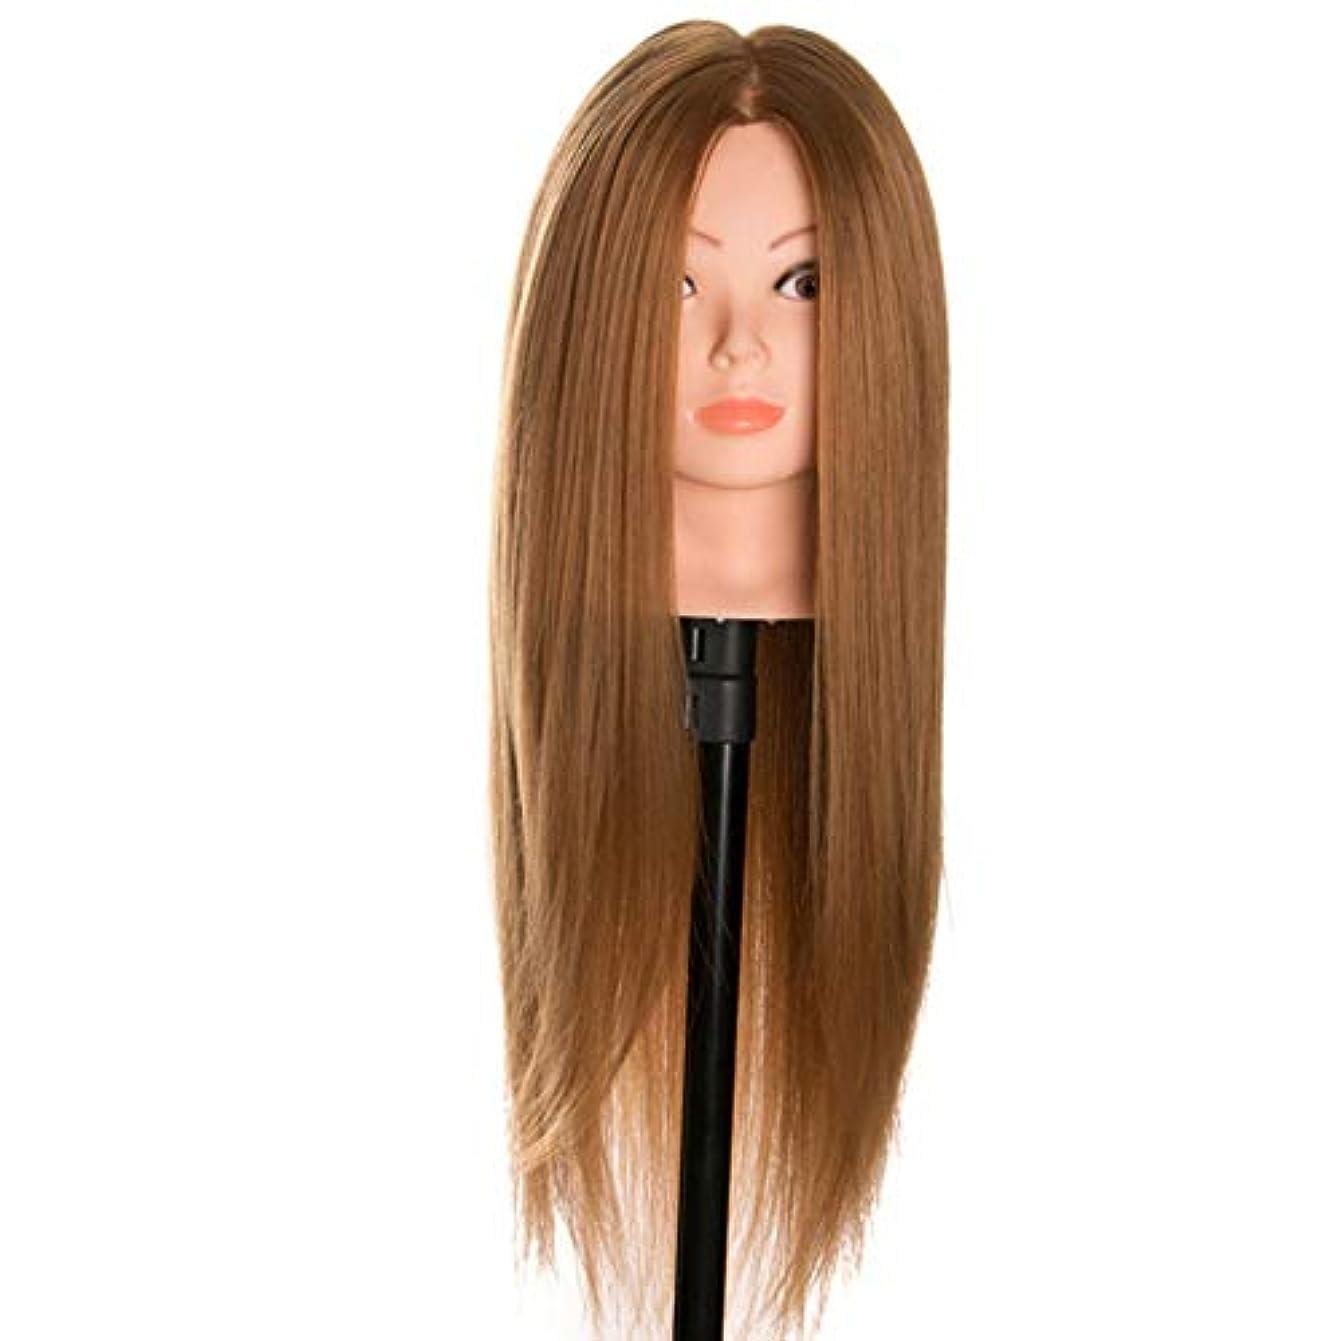 ネックレス嫉妬ソロメイクディスクヘアスタイリング編み教育ダミーヘッド理髪ヘアカットトレーニングかつらサロンエクササイズヘッド金型3個